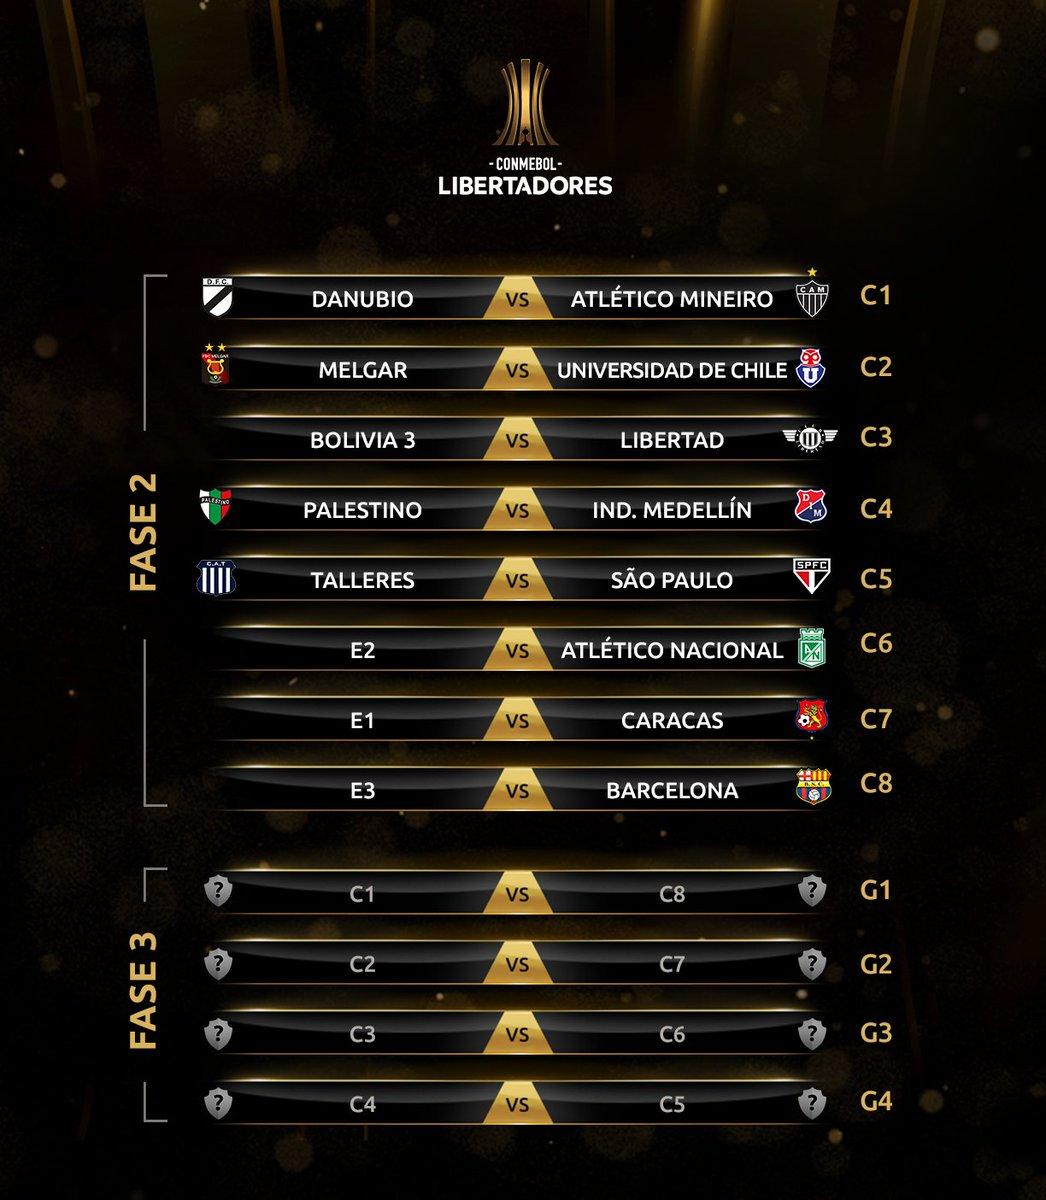 #Fase2 y #Fase3 de #CopaLibertadores2019